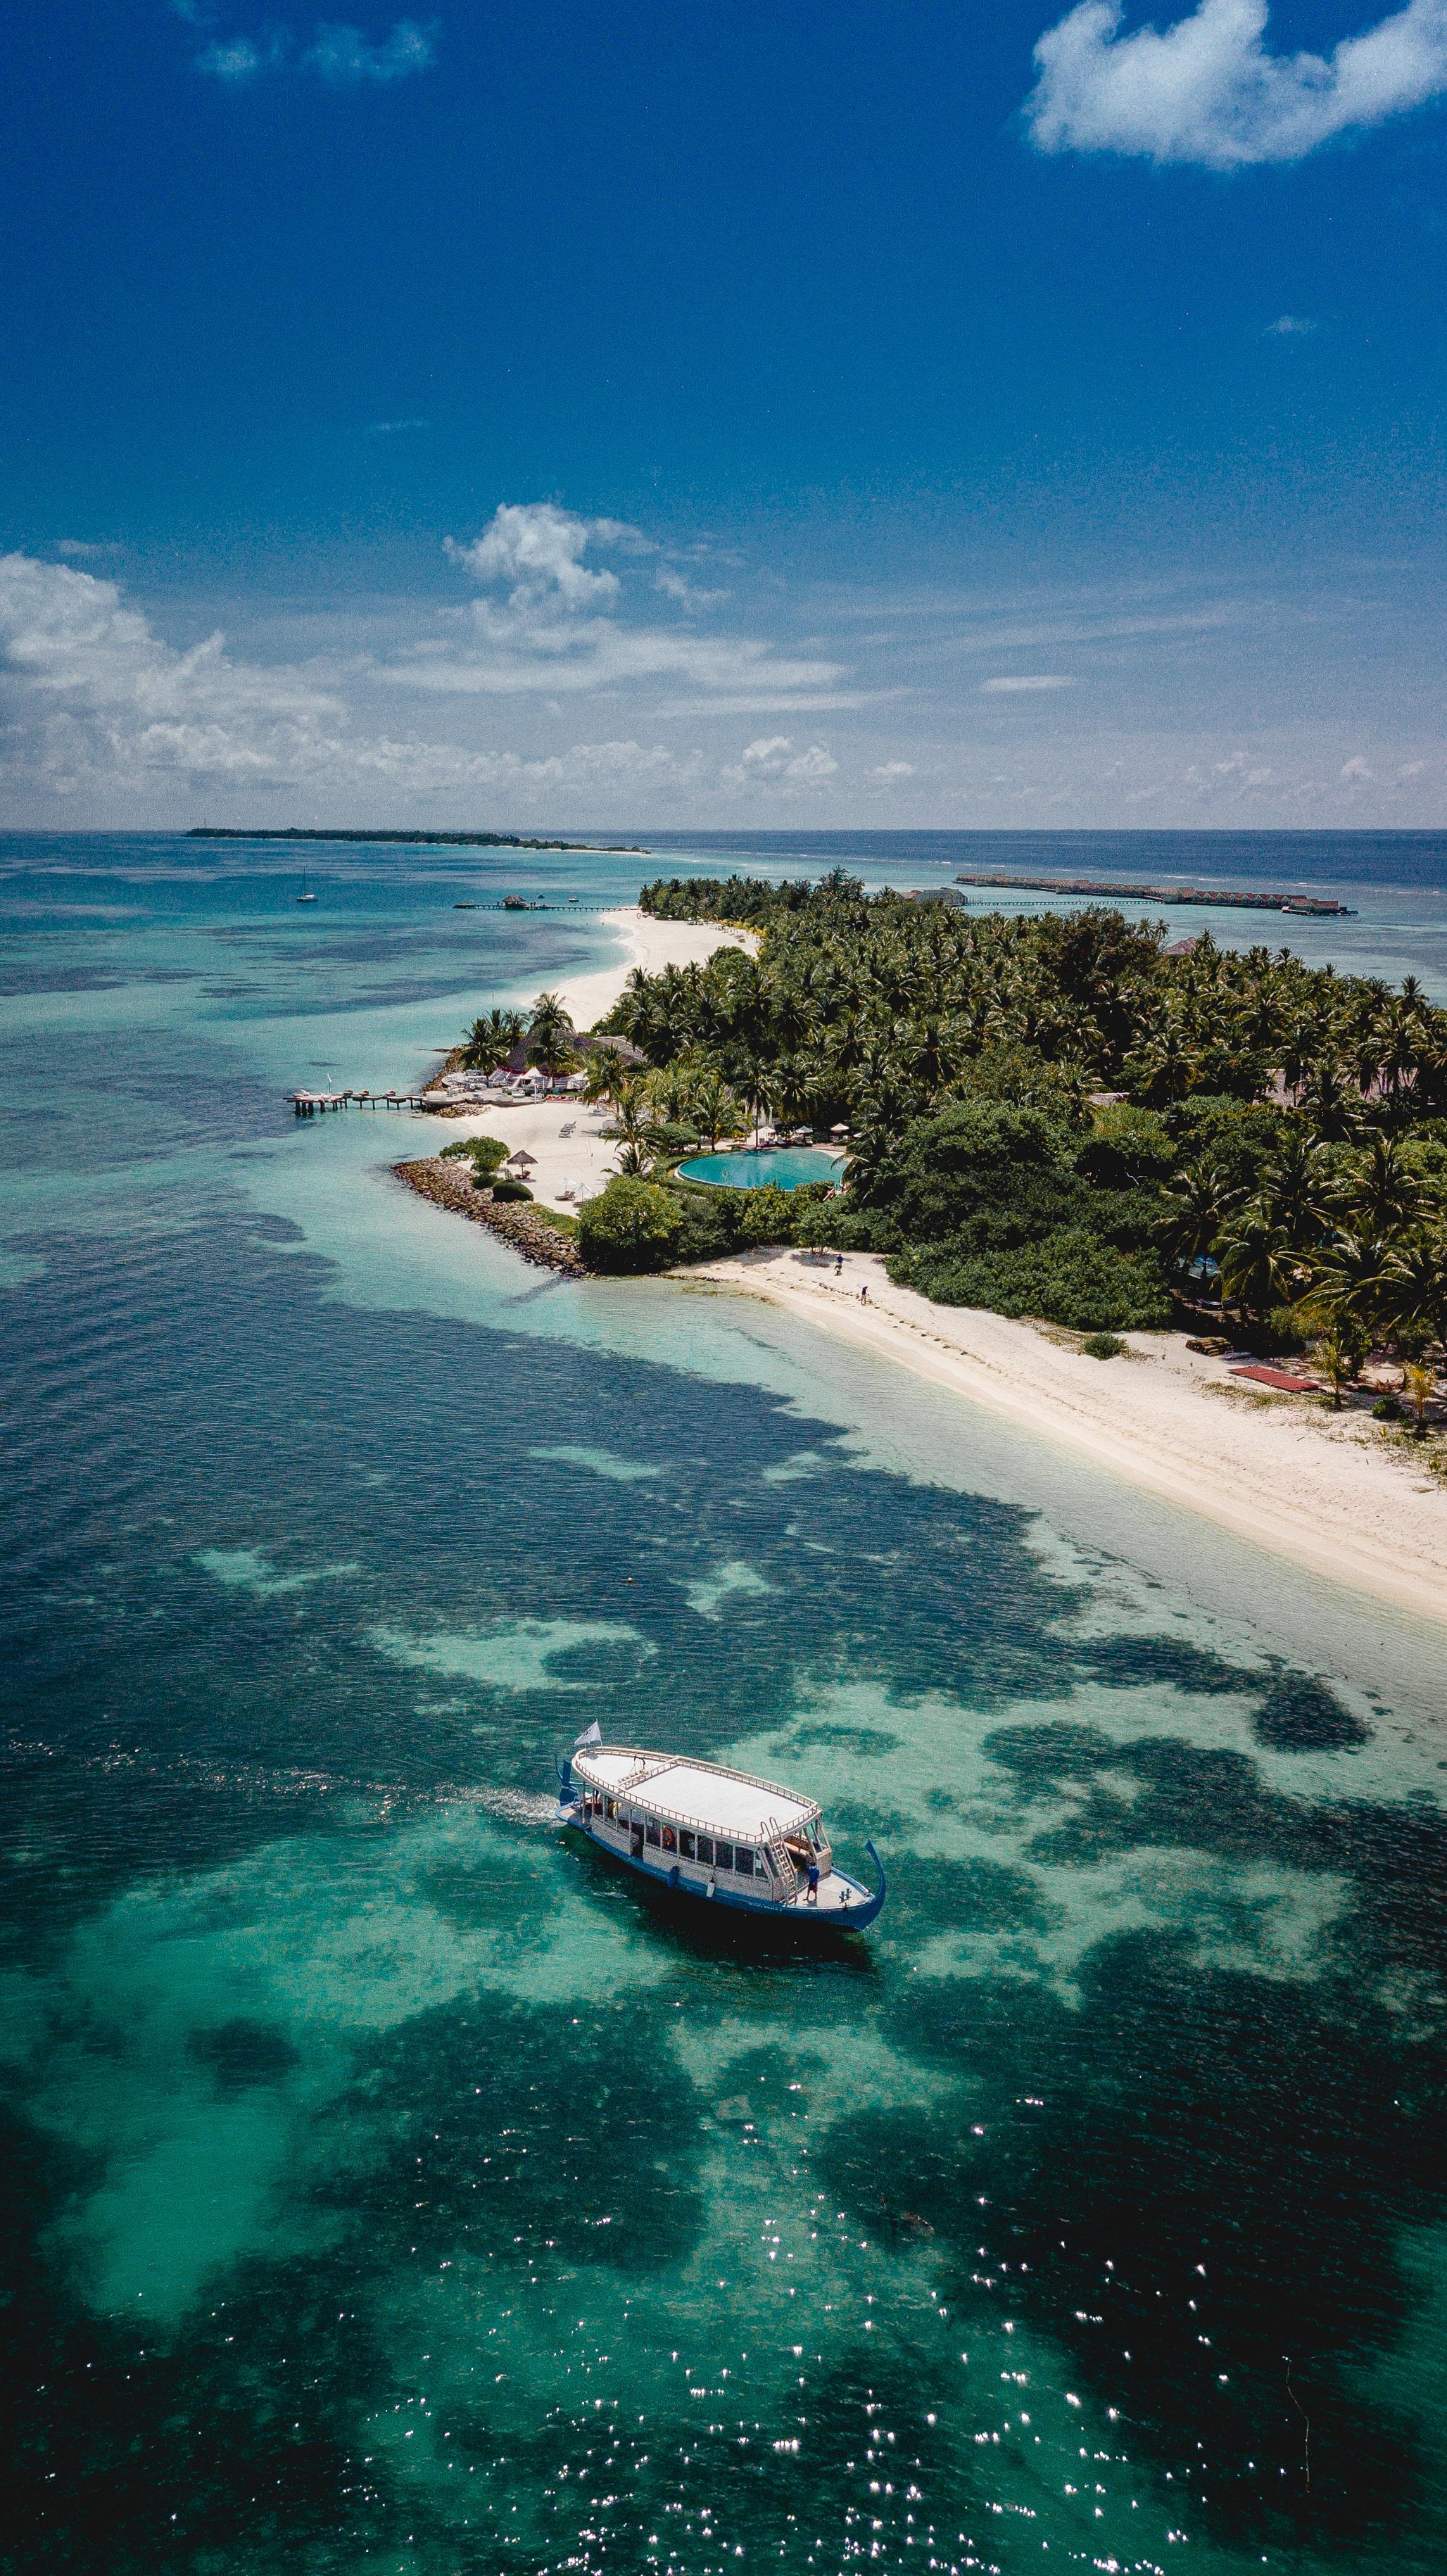 Boot.auf.Rückseite.der.Insel.jpg